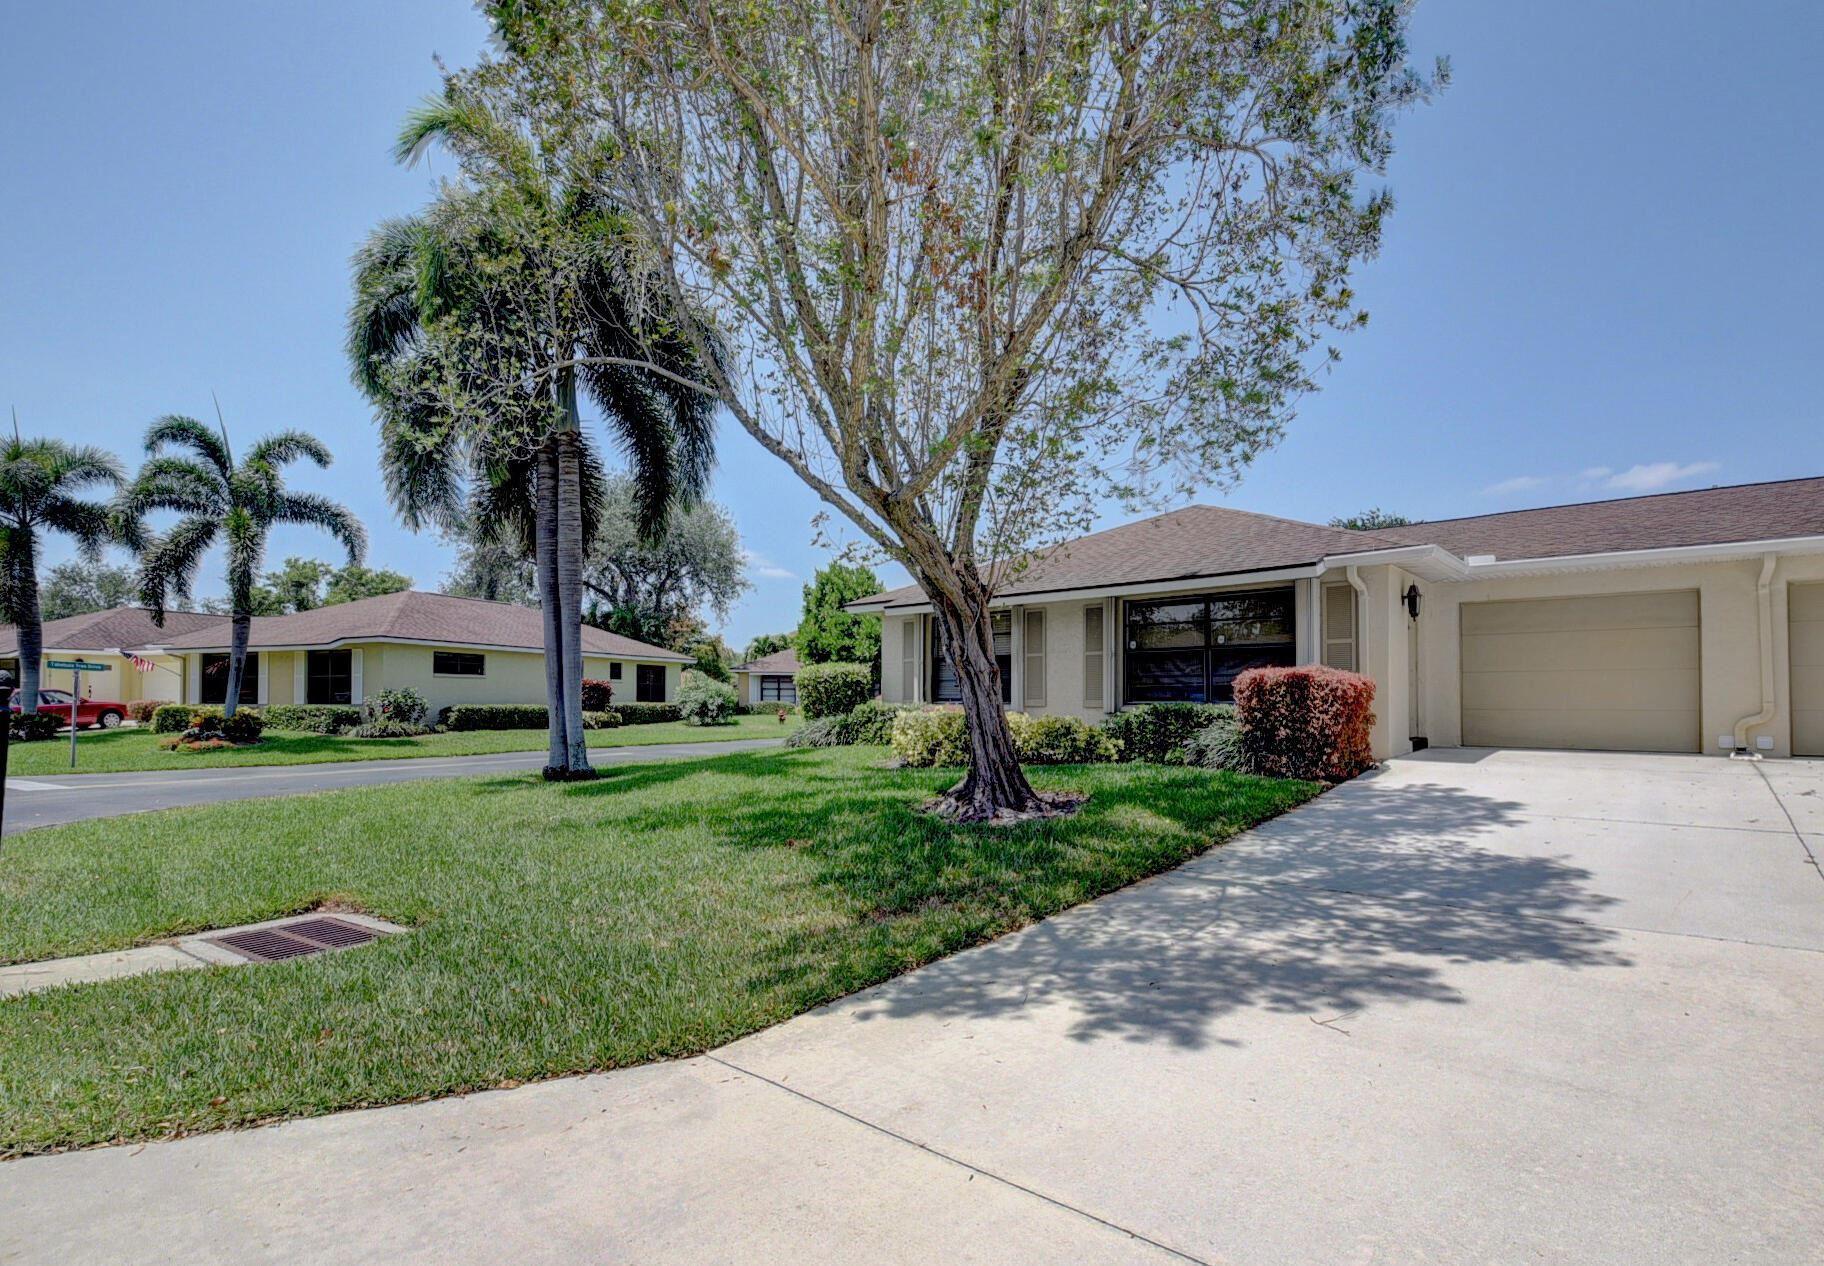 4335 Pear Tree Circle #A, Boynton Beach, FL 33436 - MLS#: RX-10710508